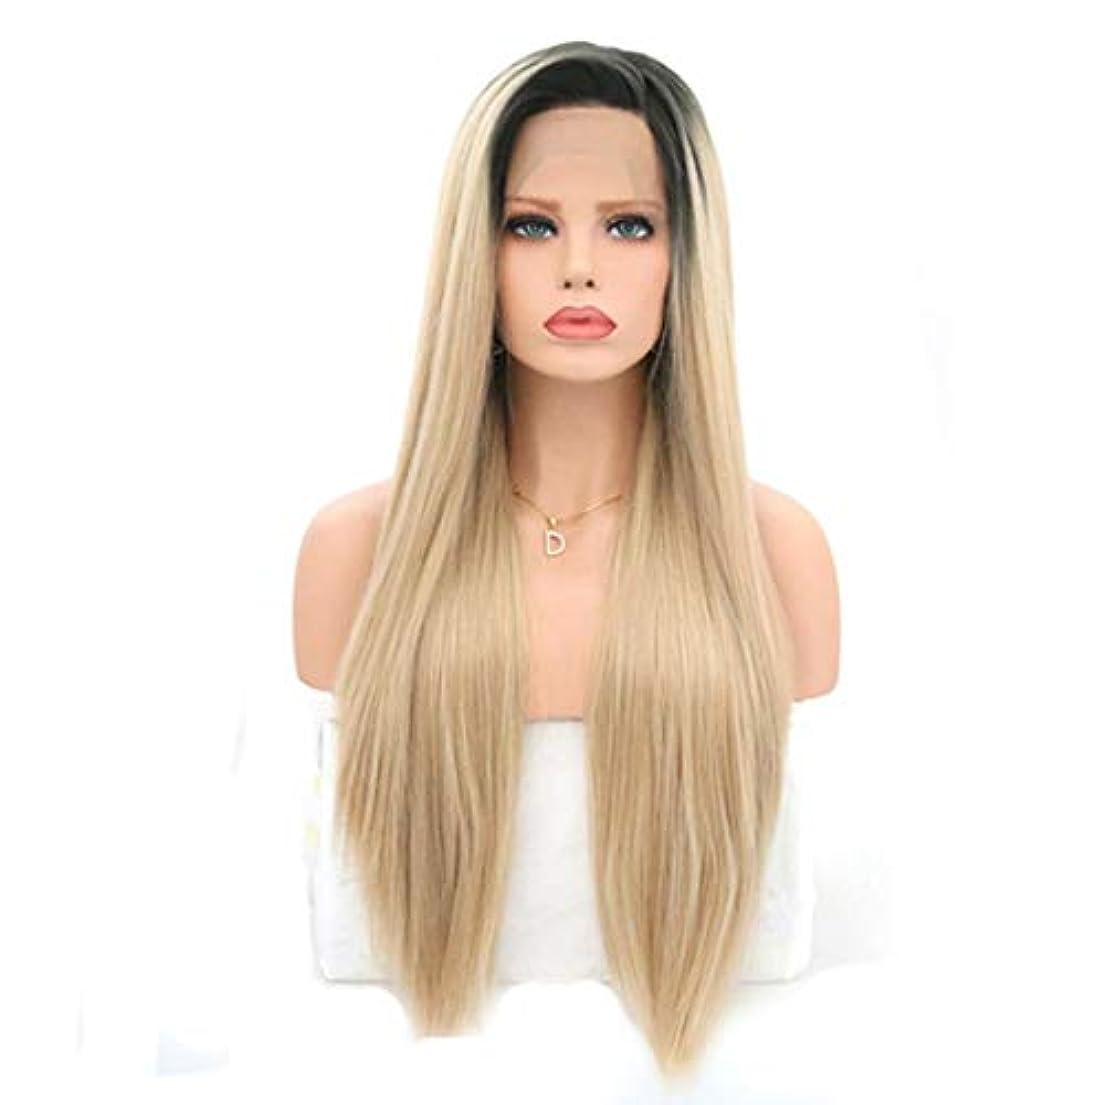 ピル価格銀行Kerwinner 女性のためのロングストレートかつら前髪付きかつら人工毛髪かつら自然なかつら (Size : 18 inches)